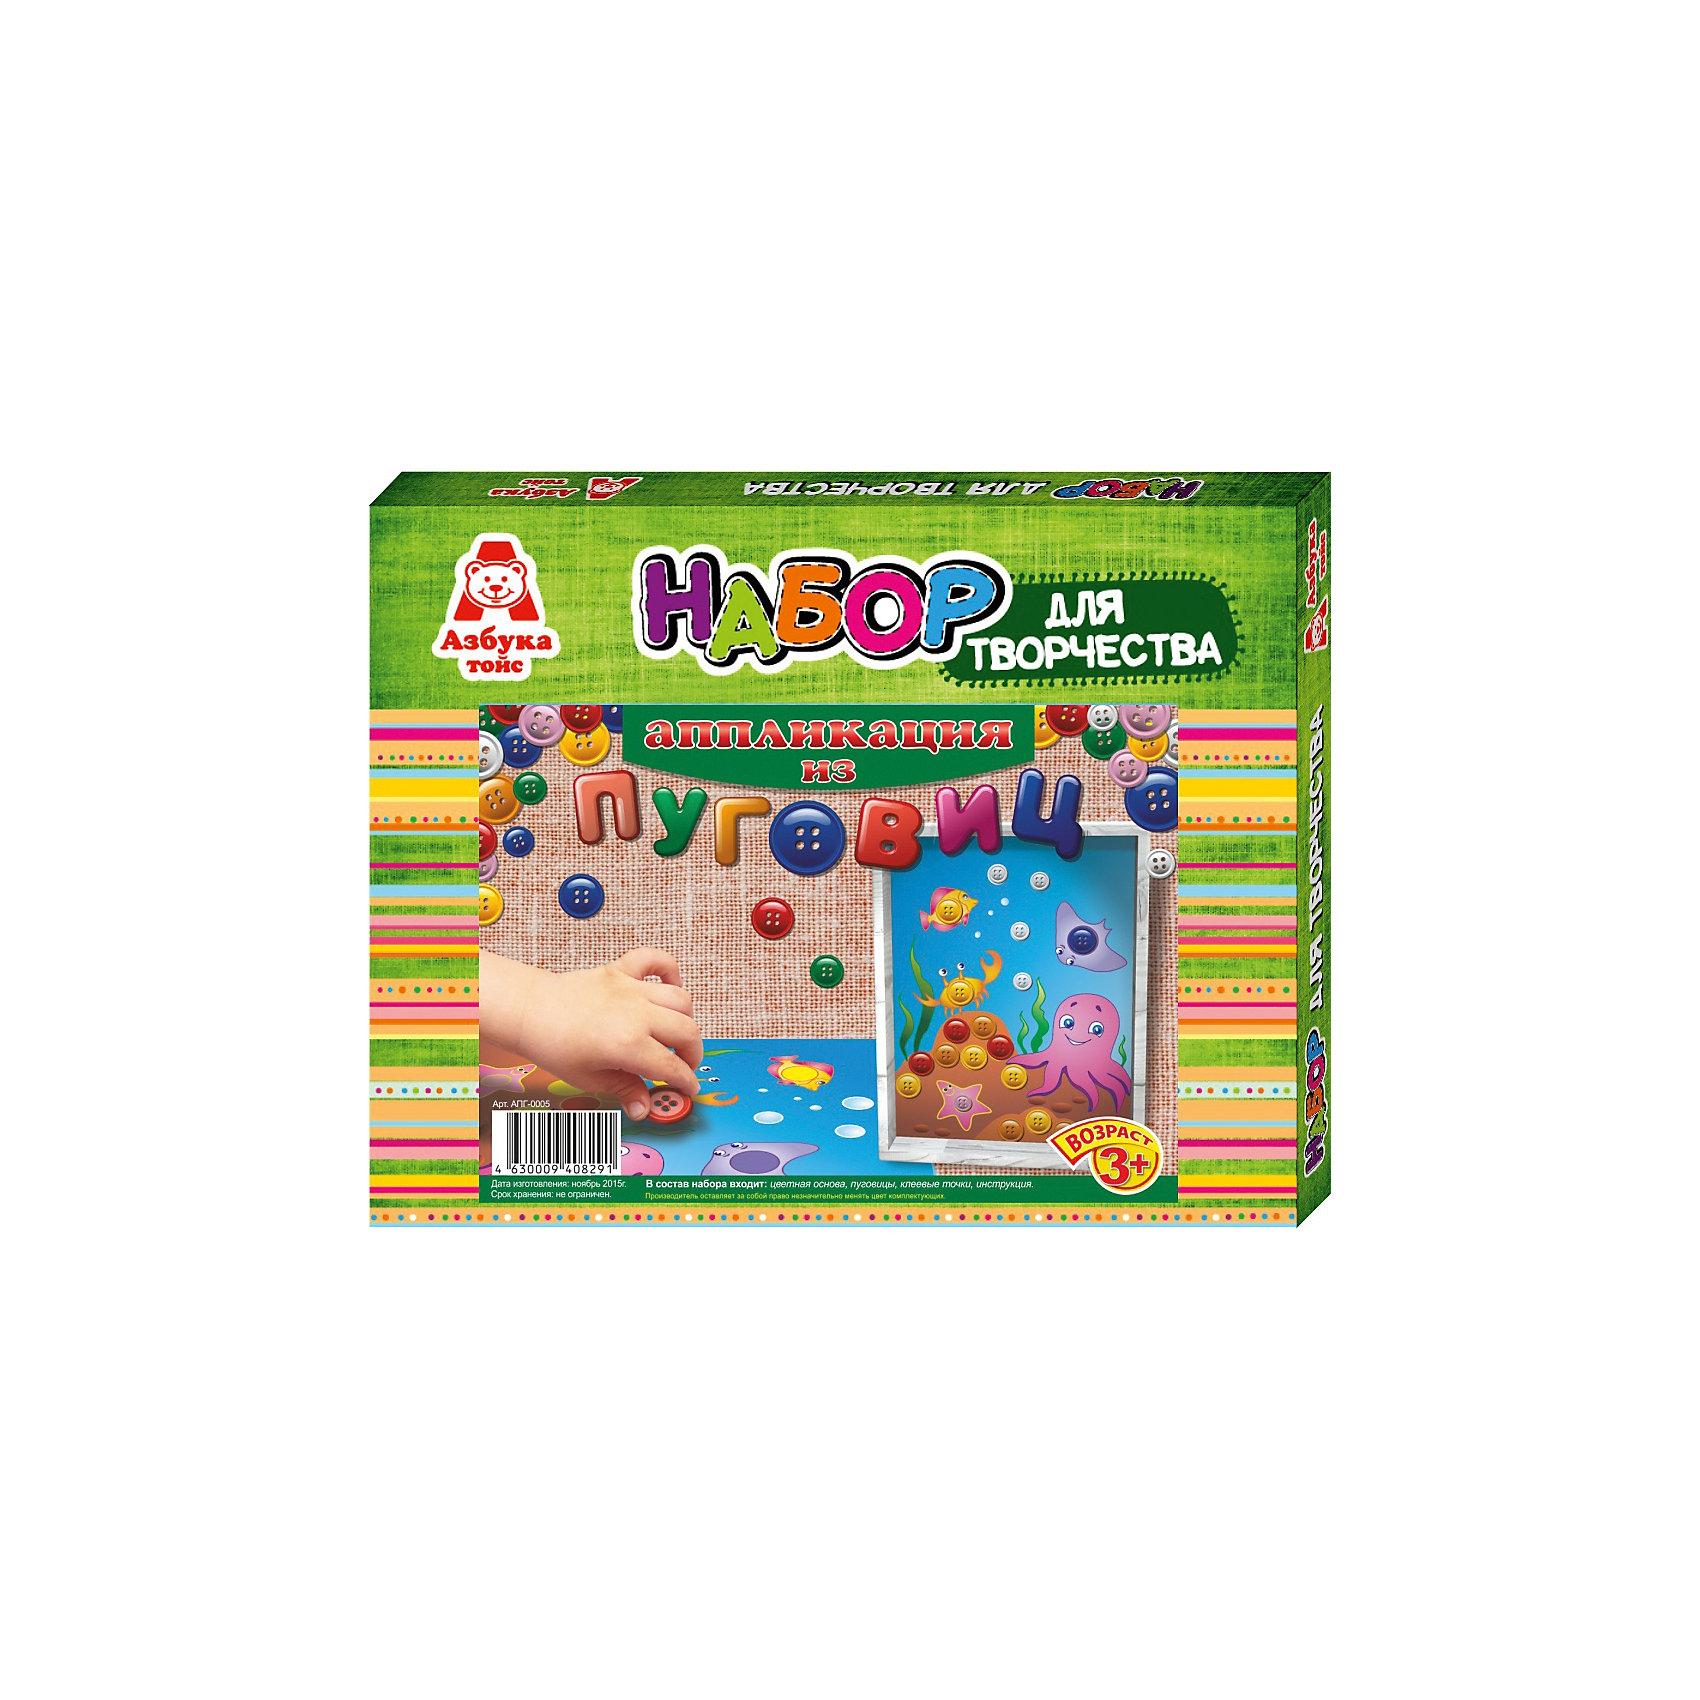 Аппликация из пуговиц Подводный мирАппликация из пуговиц - прекрасное средство развития воображения, аккуратности и терпения у ребенка, а также мелкой моторики, внимания и мышления. С помощью нашего набора, Вы сможете создать не сложную и интересную аппликацию с разноцветными пуговицами и провести время с пользой. Желаем успехов!<br>В состав набора входит: цветная основа, пуговицы, клеевые точки, инструкция.<br>Для детей от 3 лет. <br>Изготовитель: ООО Азбука Тойc <br>Сделано в России.<br><br>Ширина мм: 270<br>Глубина мм: 30<br>Высота мм: 220<br>Вес г: 204<br>Возраст от месяцев: 36<br>Возраст до месяцев: 84<br>Пол: Унисекс<br>Возраст: Детский<br>SKU: 5062934